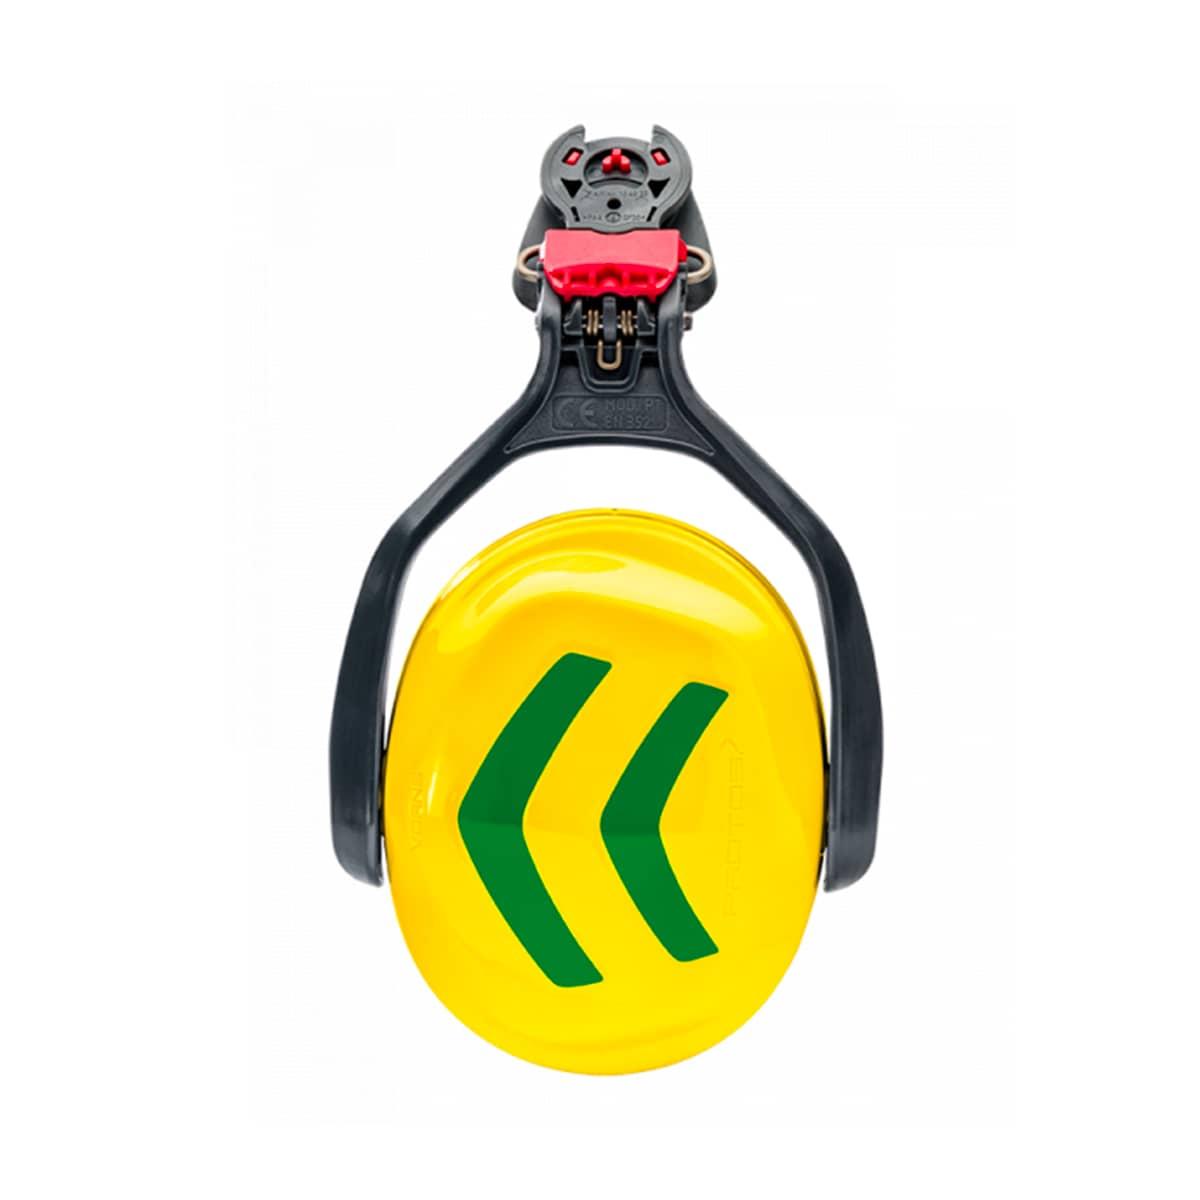 Casque Protos kit anti-bruit jaune-vert